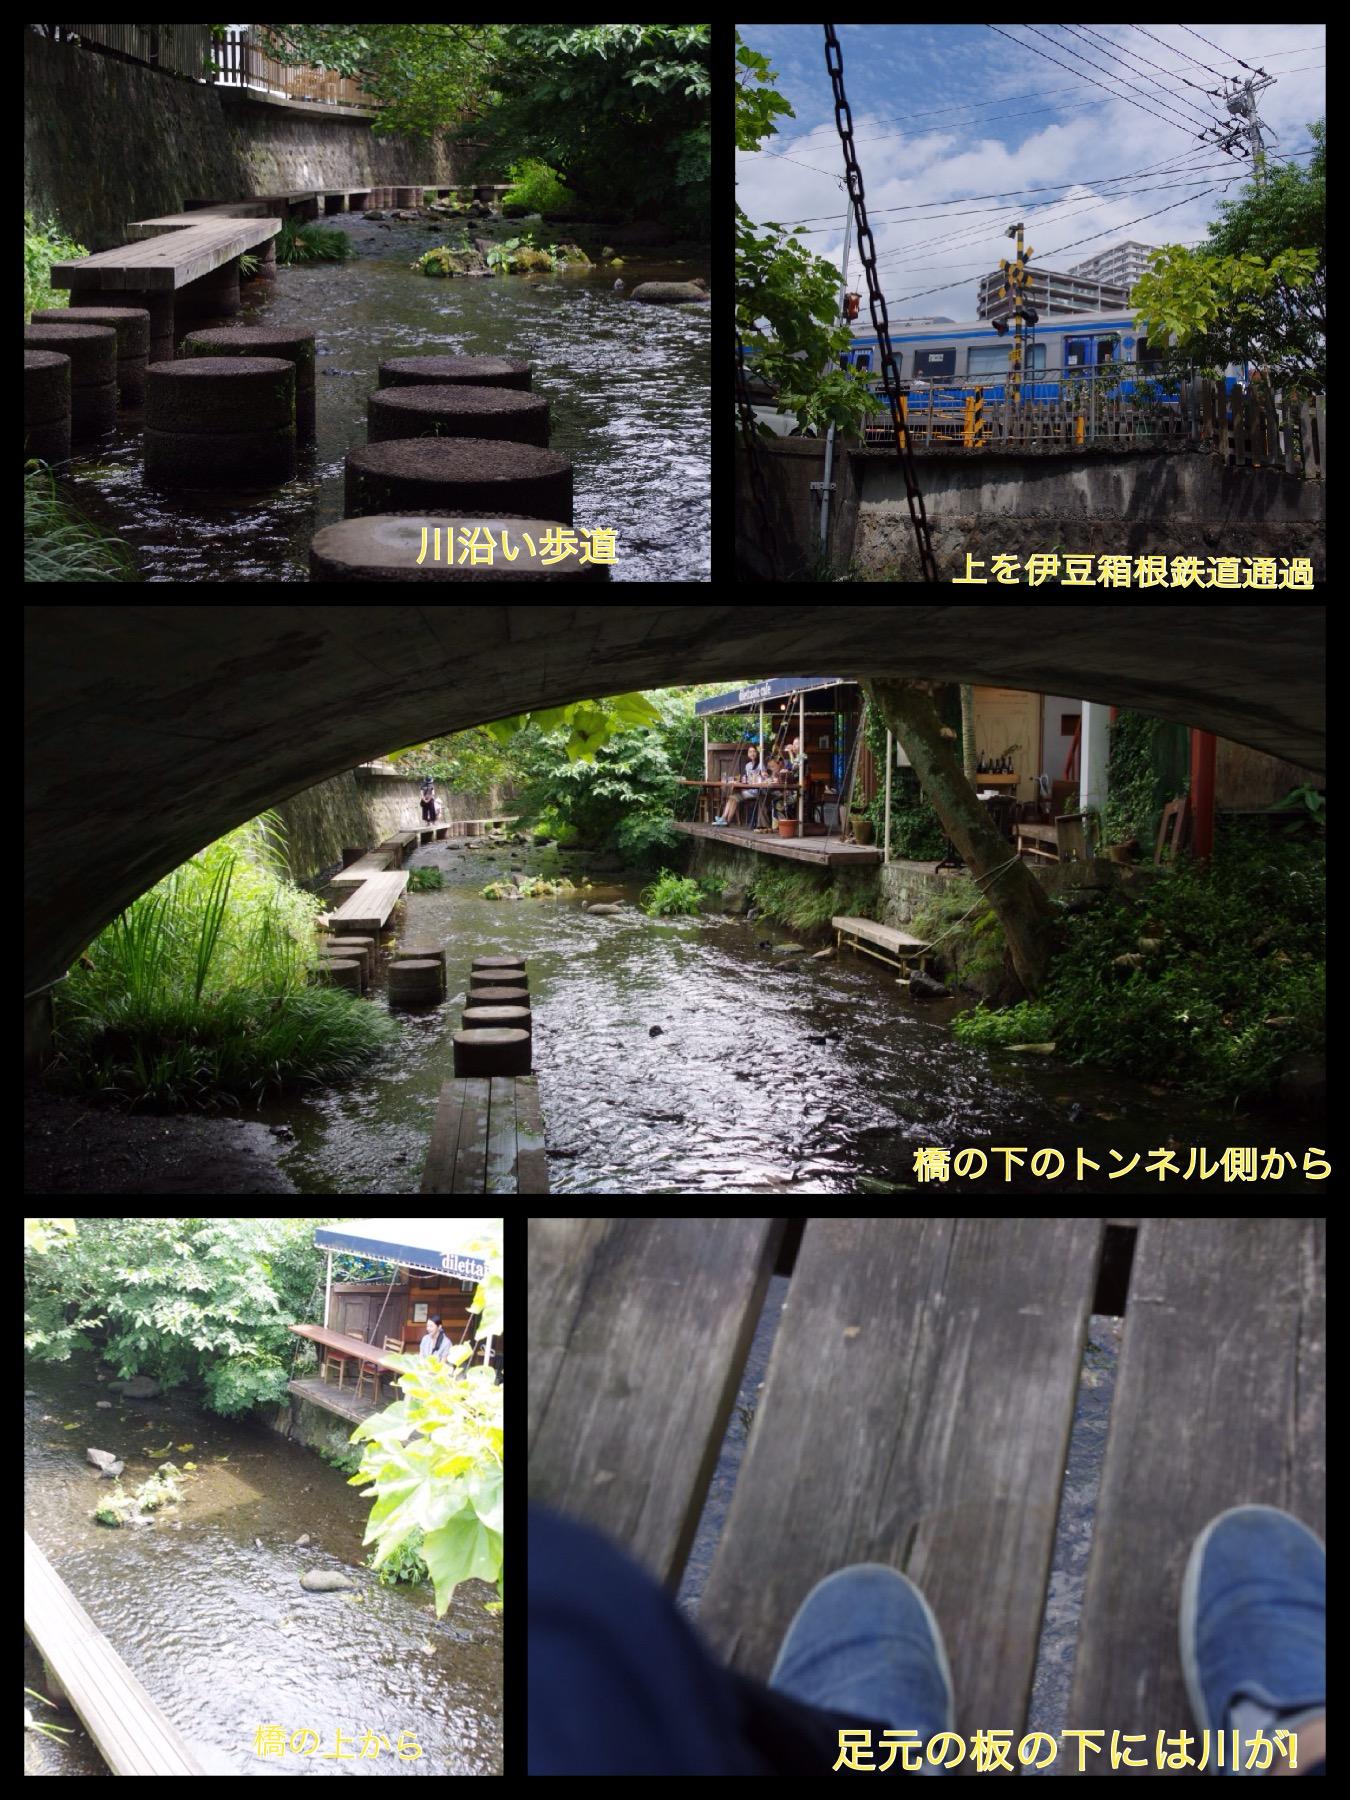 三島 川床カフェ ディレッタント